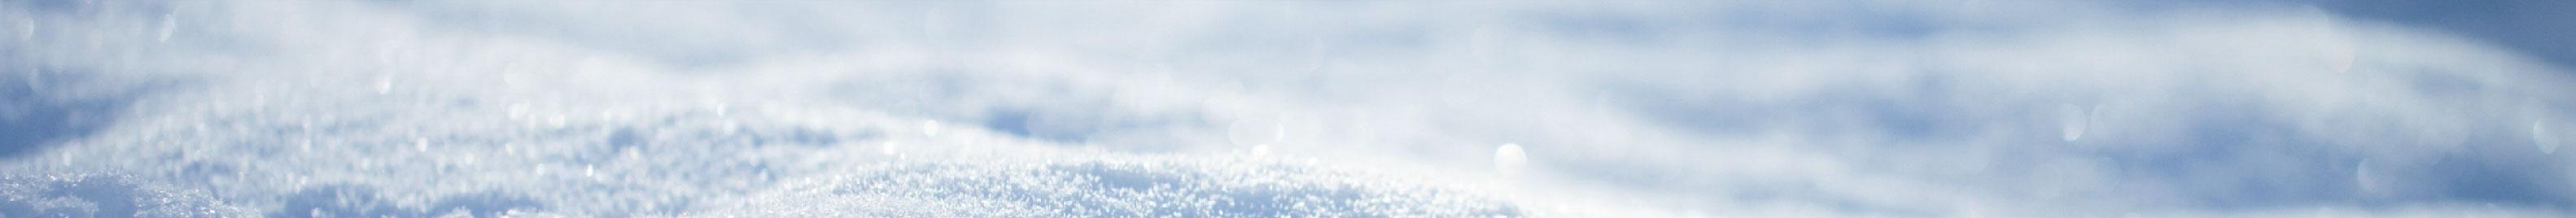 信越自然郷天然水ホームページ